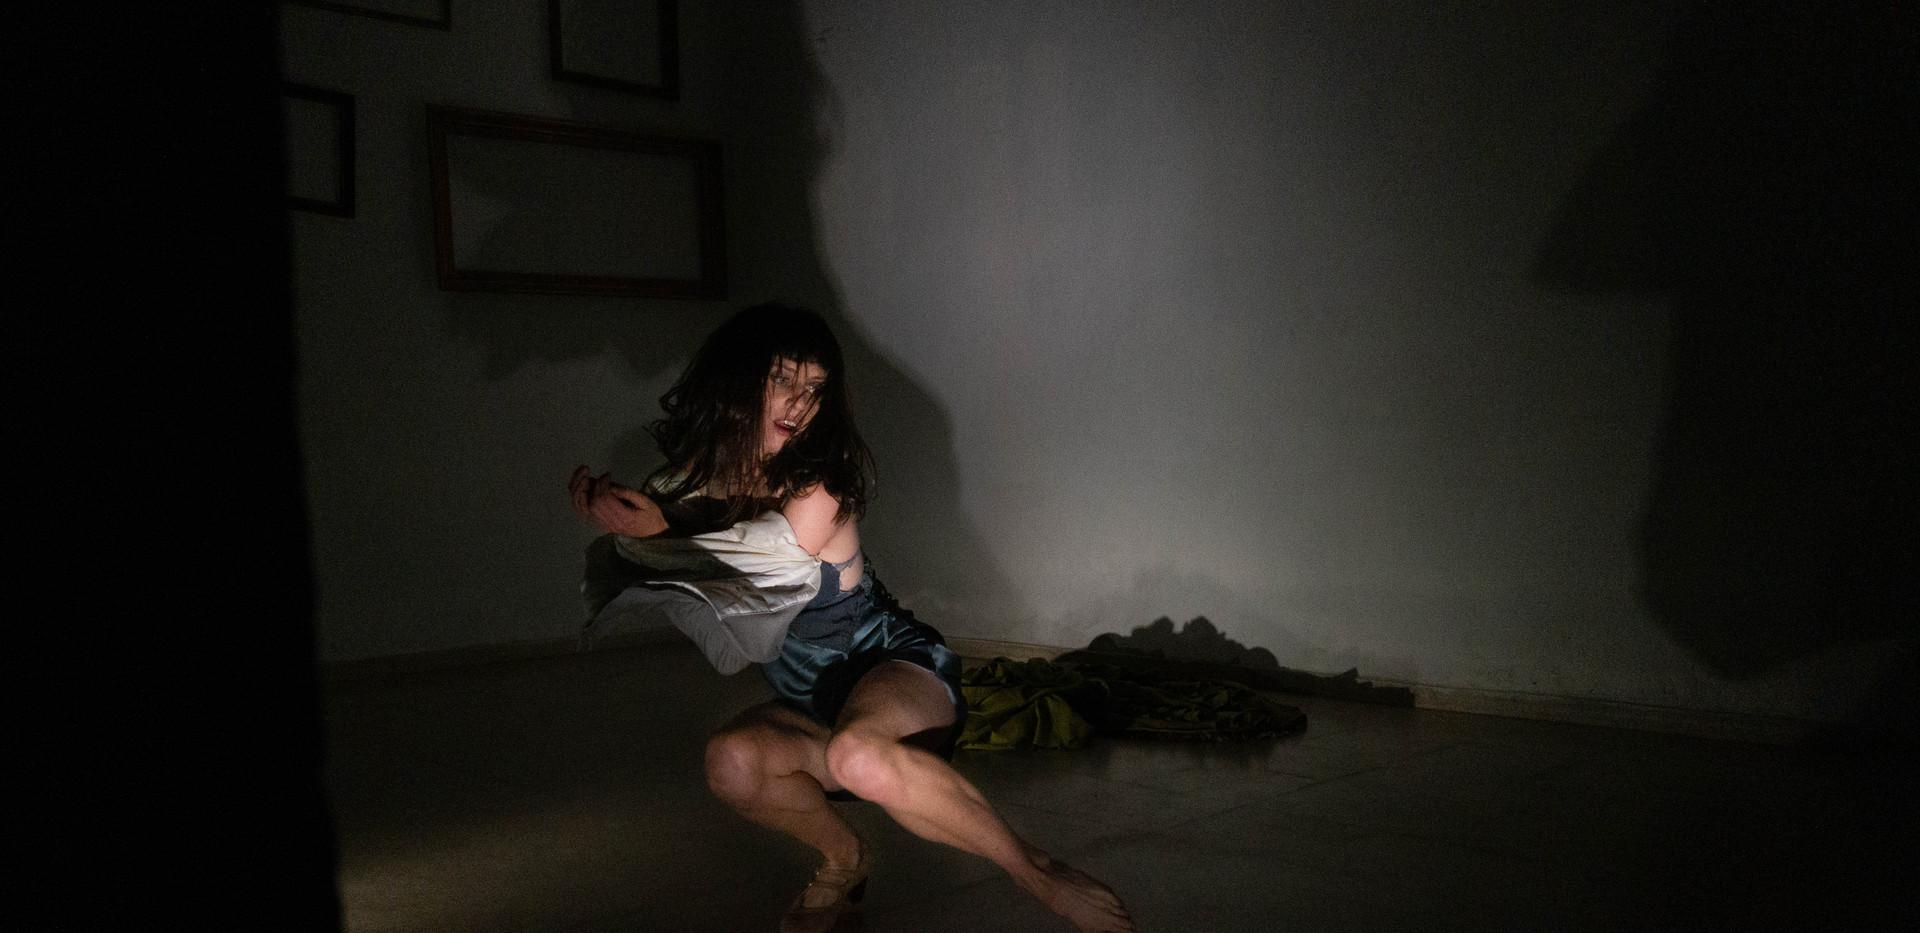 Photo by Antonio Cadenas